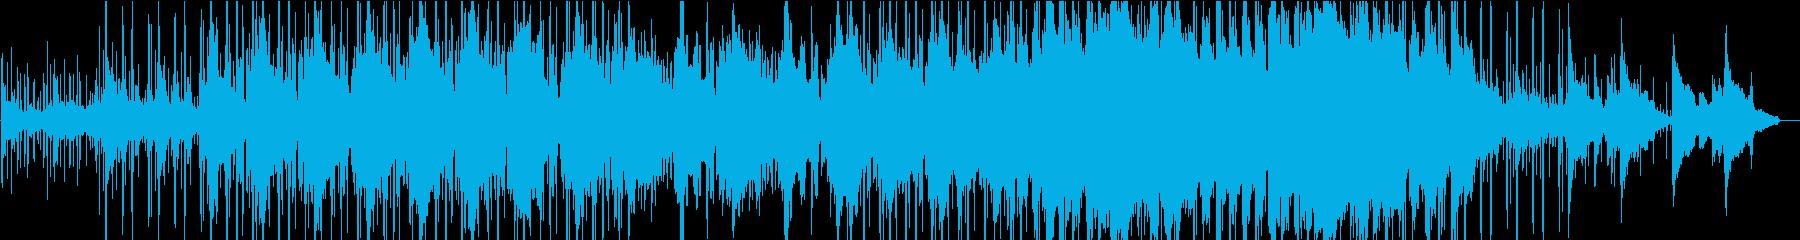 和風の癒しHipHop・ナイトルーティンの再生済みの波形